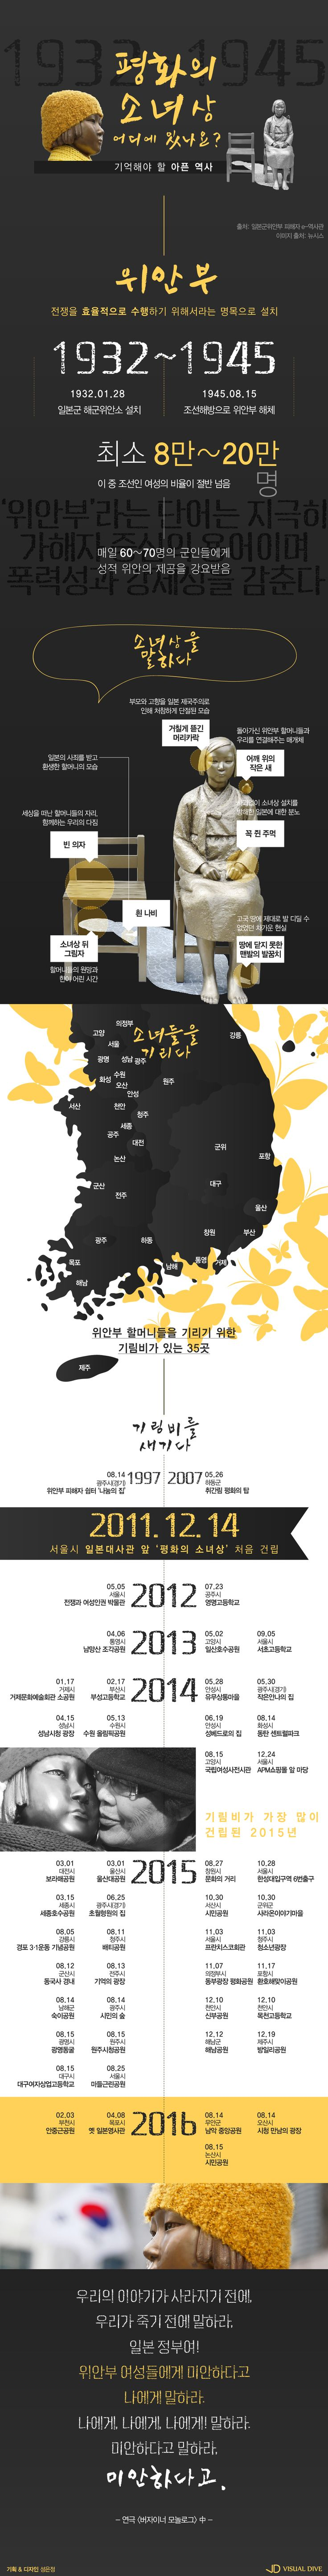 """""""잊지 말아주세요"""" 아픈 역사의 기억, 평화의 소녀상 [인포그래픽] #girl_statue / #Infographic ⓒ 비주얼다이브 무단 복사·전재·재배포 금지"""